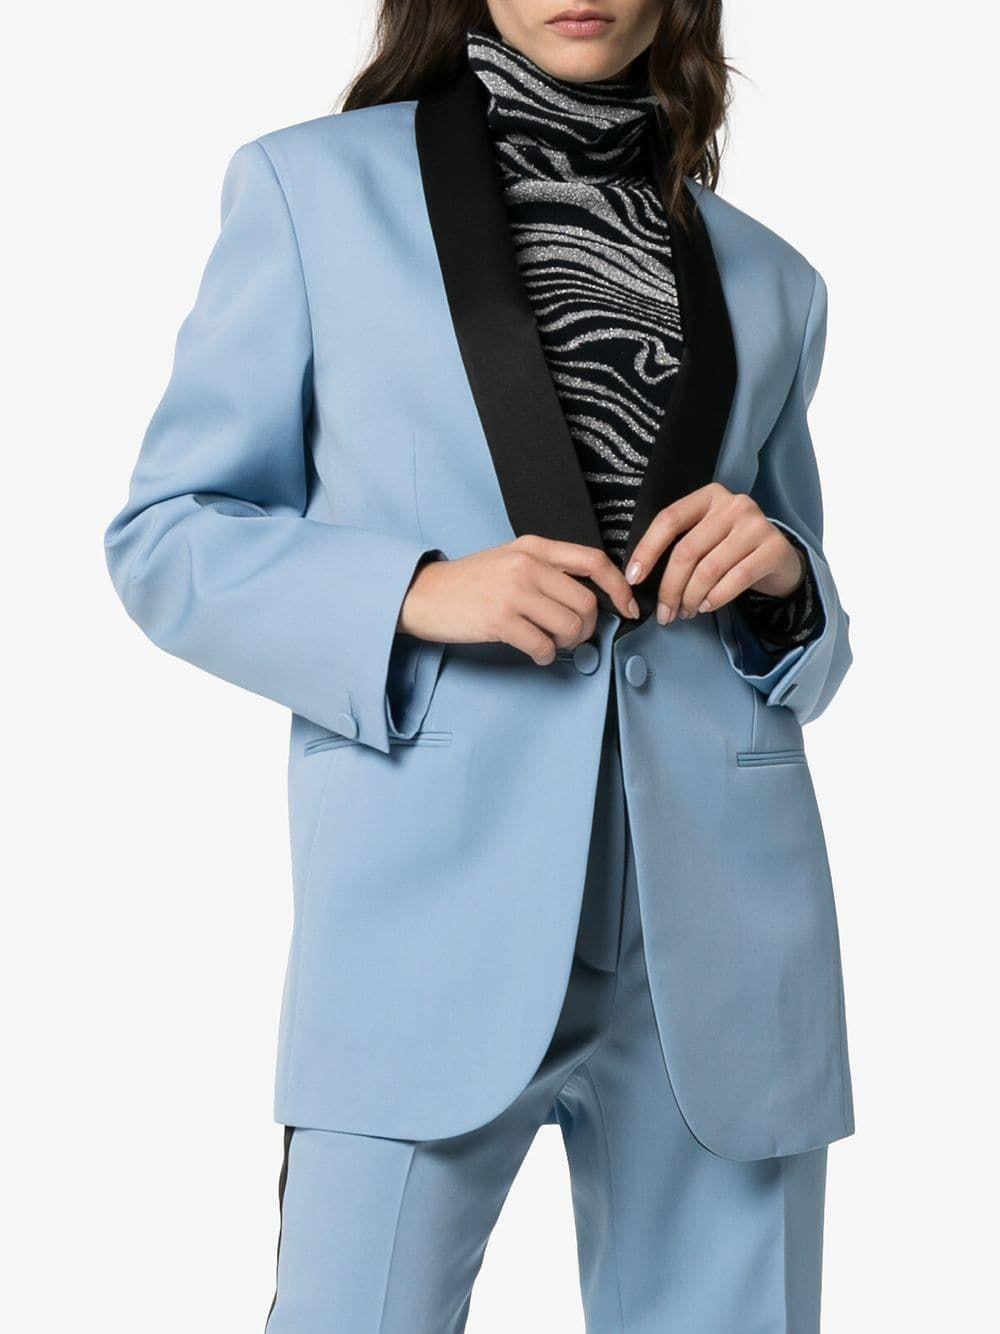 79e8f3c8f7c6a Calvin Klein 205W39nyc two-tone wool tuxedo jacket